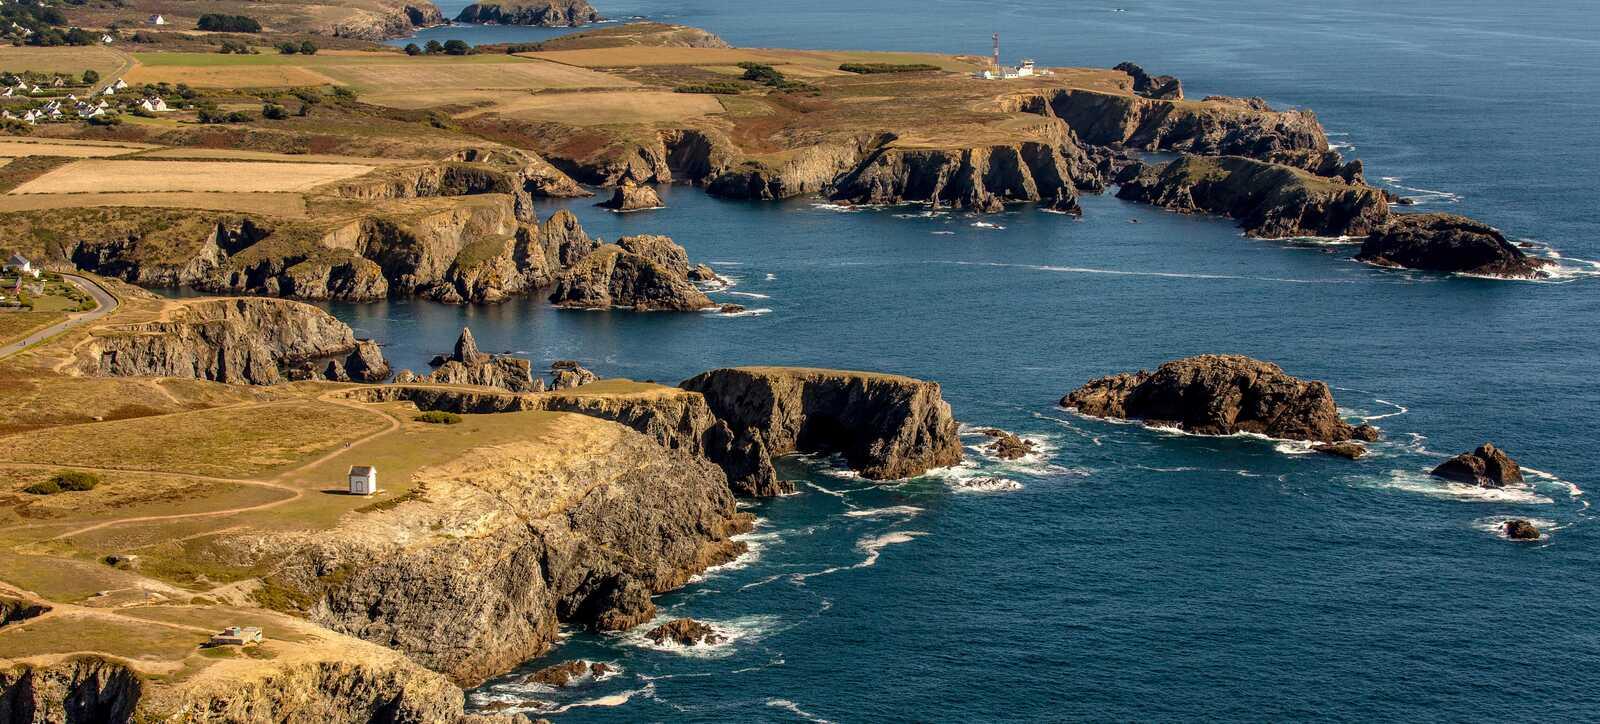 Se Deplacer A Belle Ile En Mer Office De Tourisme Baie De Quiberon